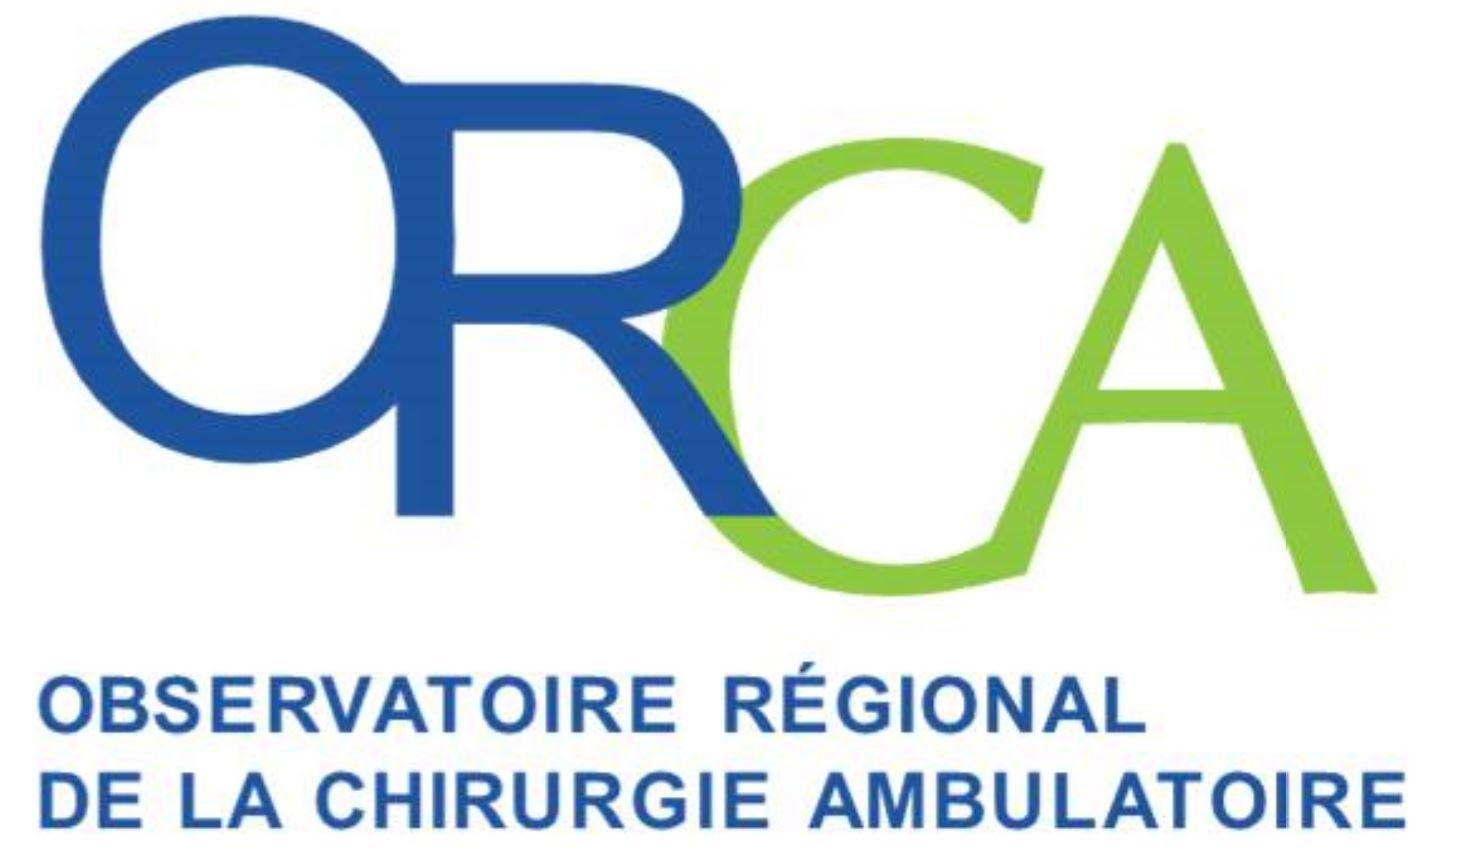 Chirurgie Ambulatoire, site officiel de l'Observatoire régional de la Chirurgie Ambulatoire, ORCA